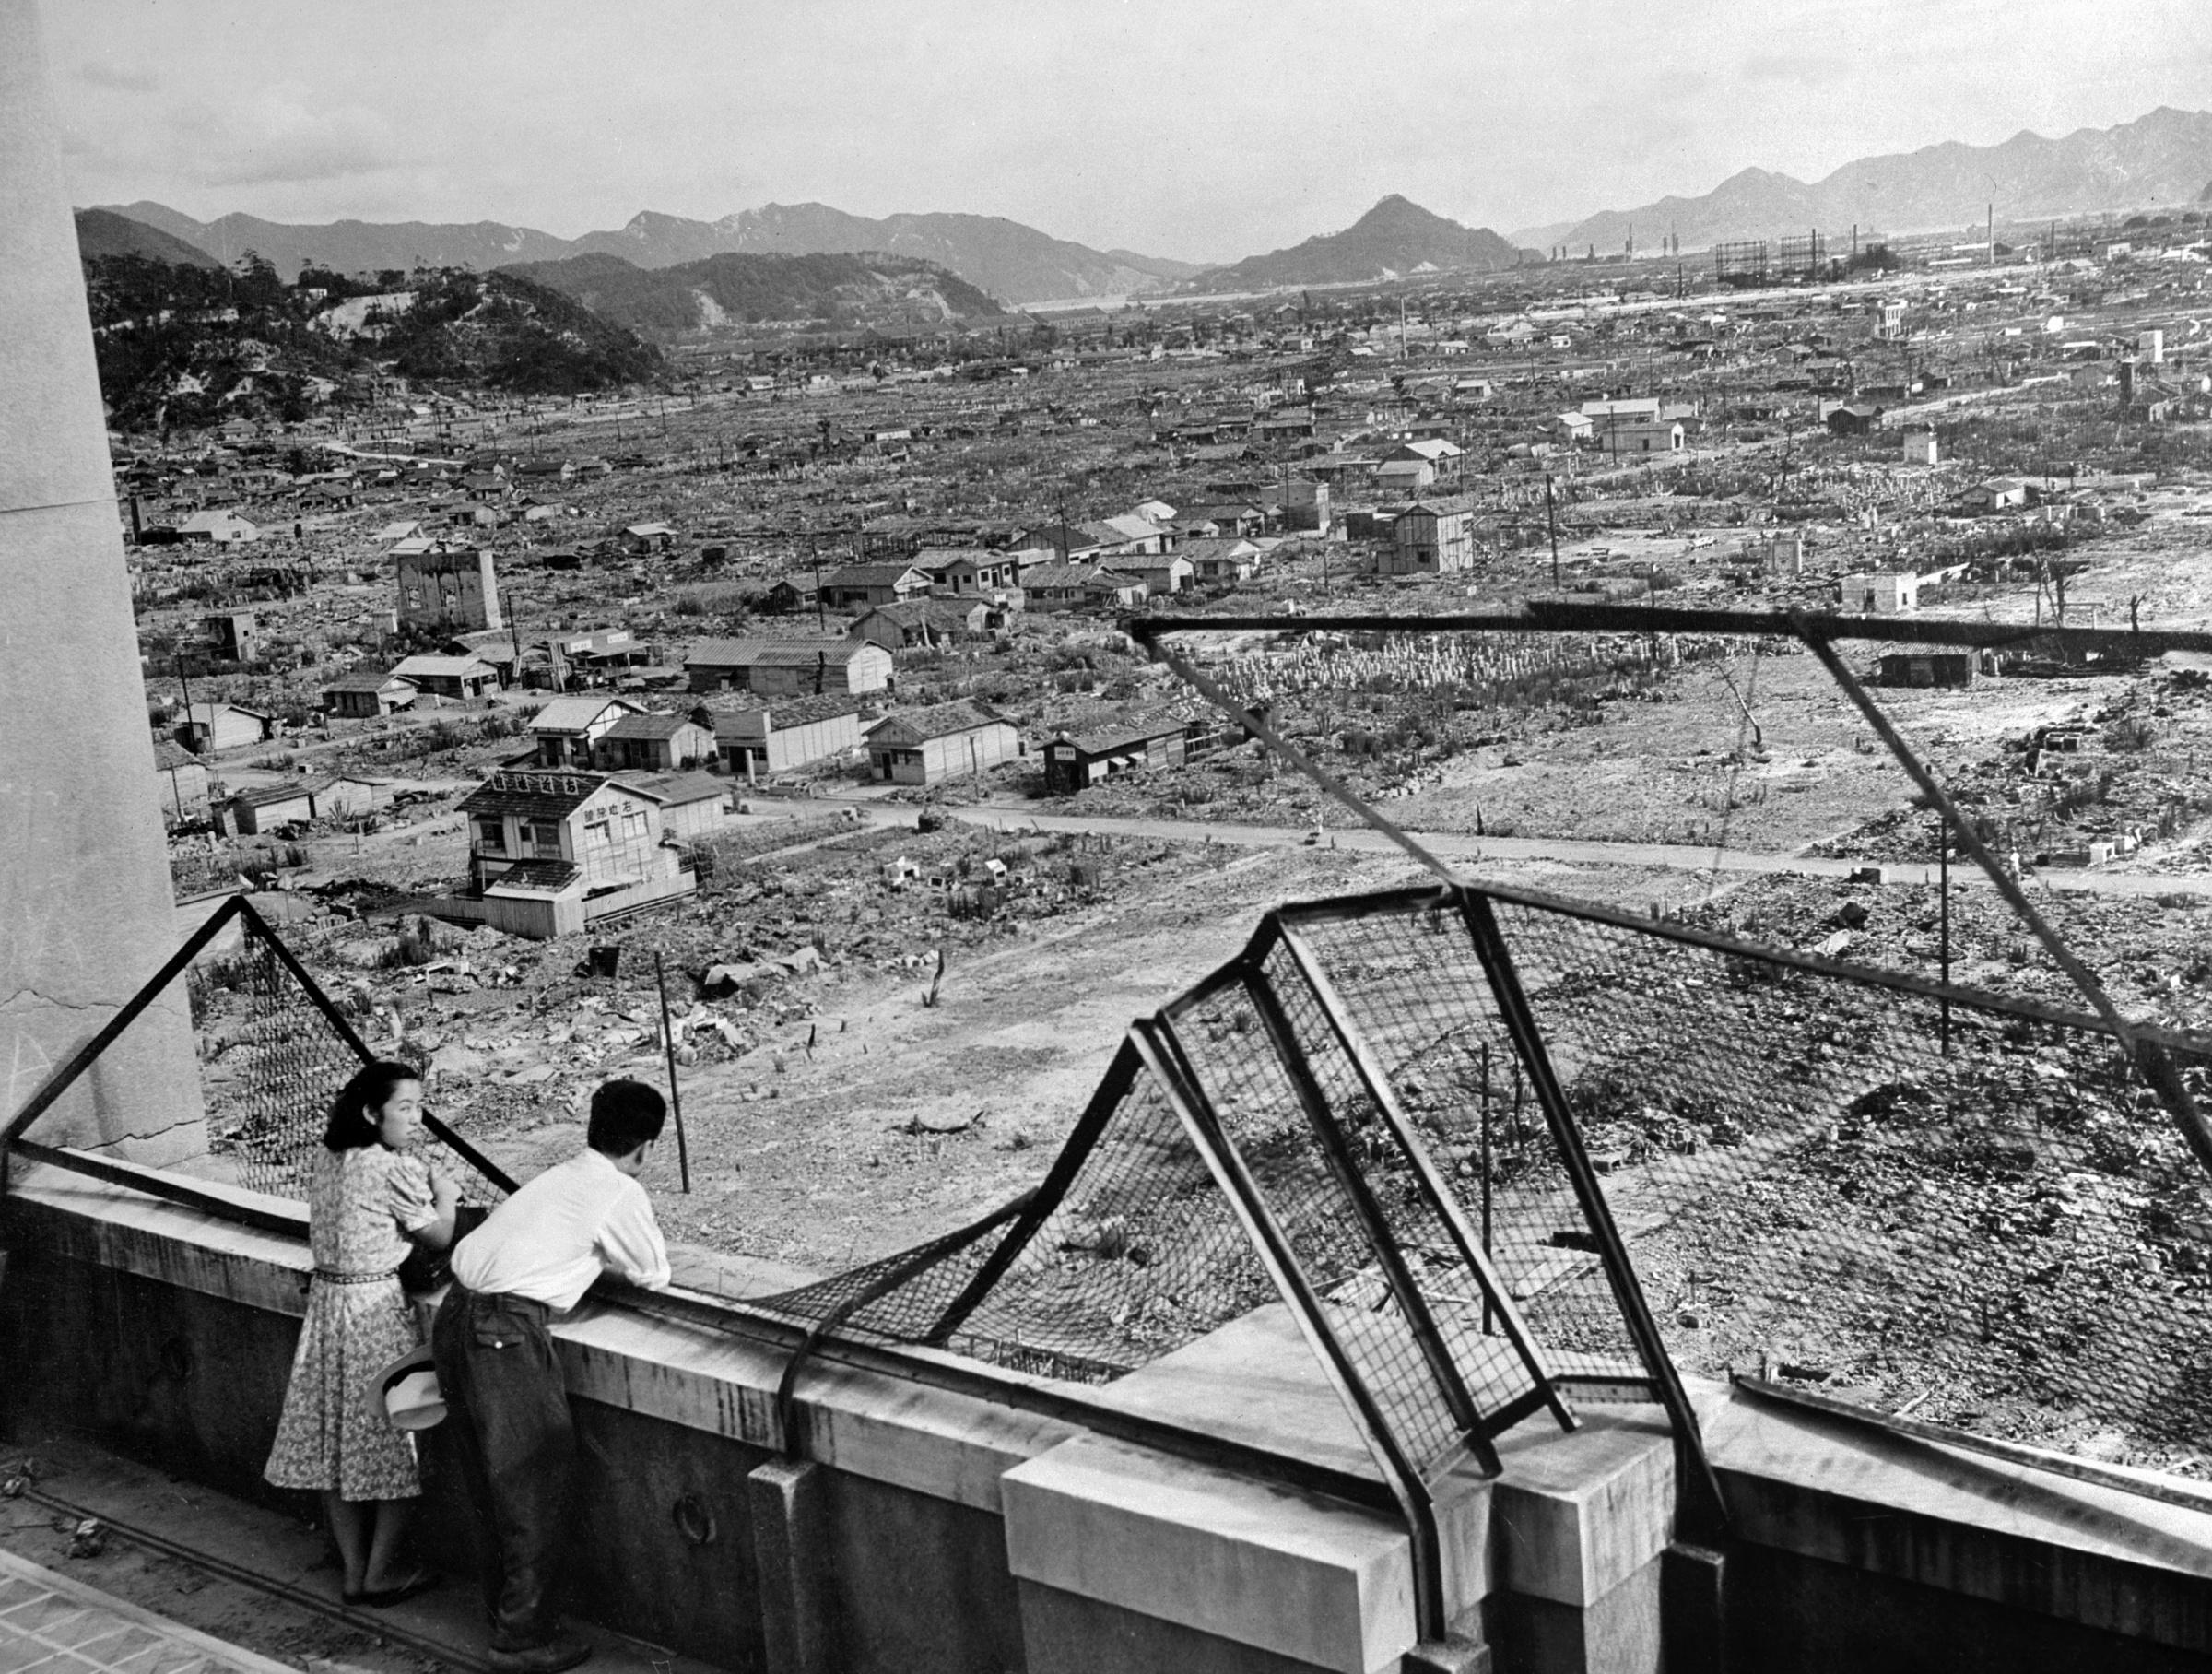 Hiroshima20aftermath-4b9a5d2